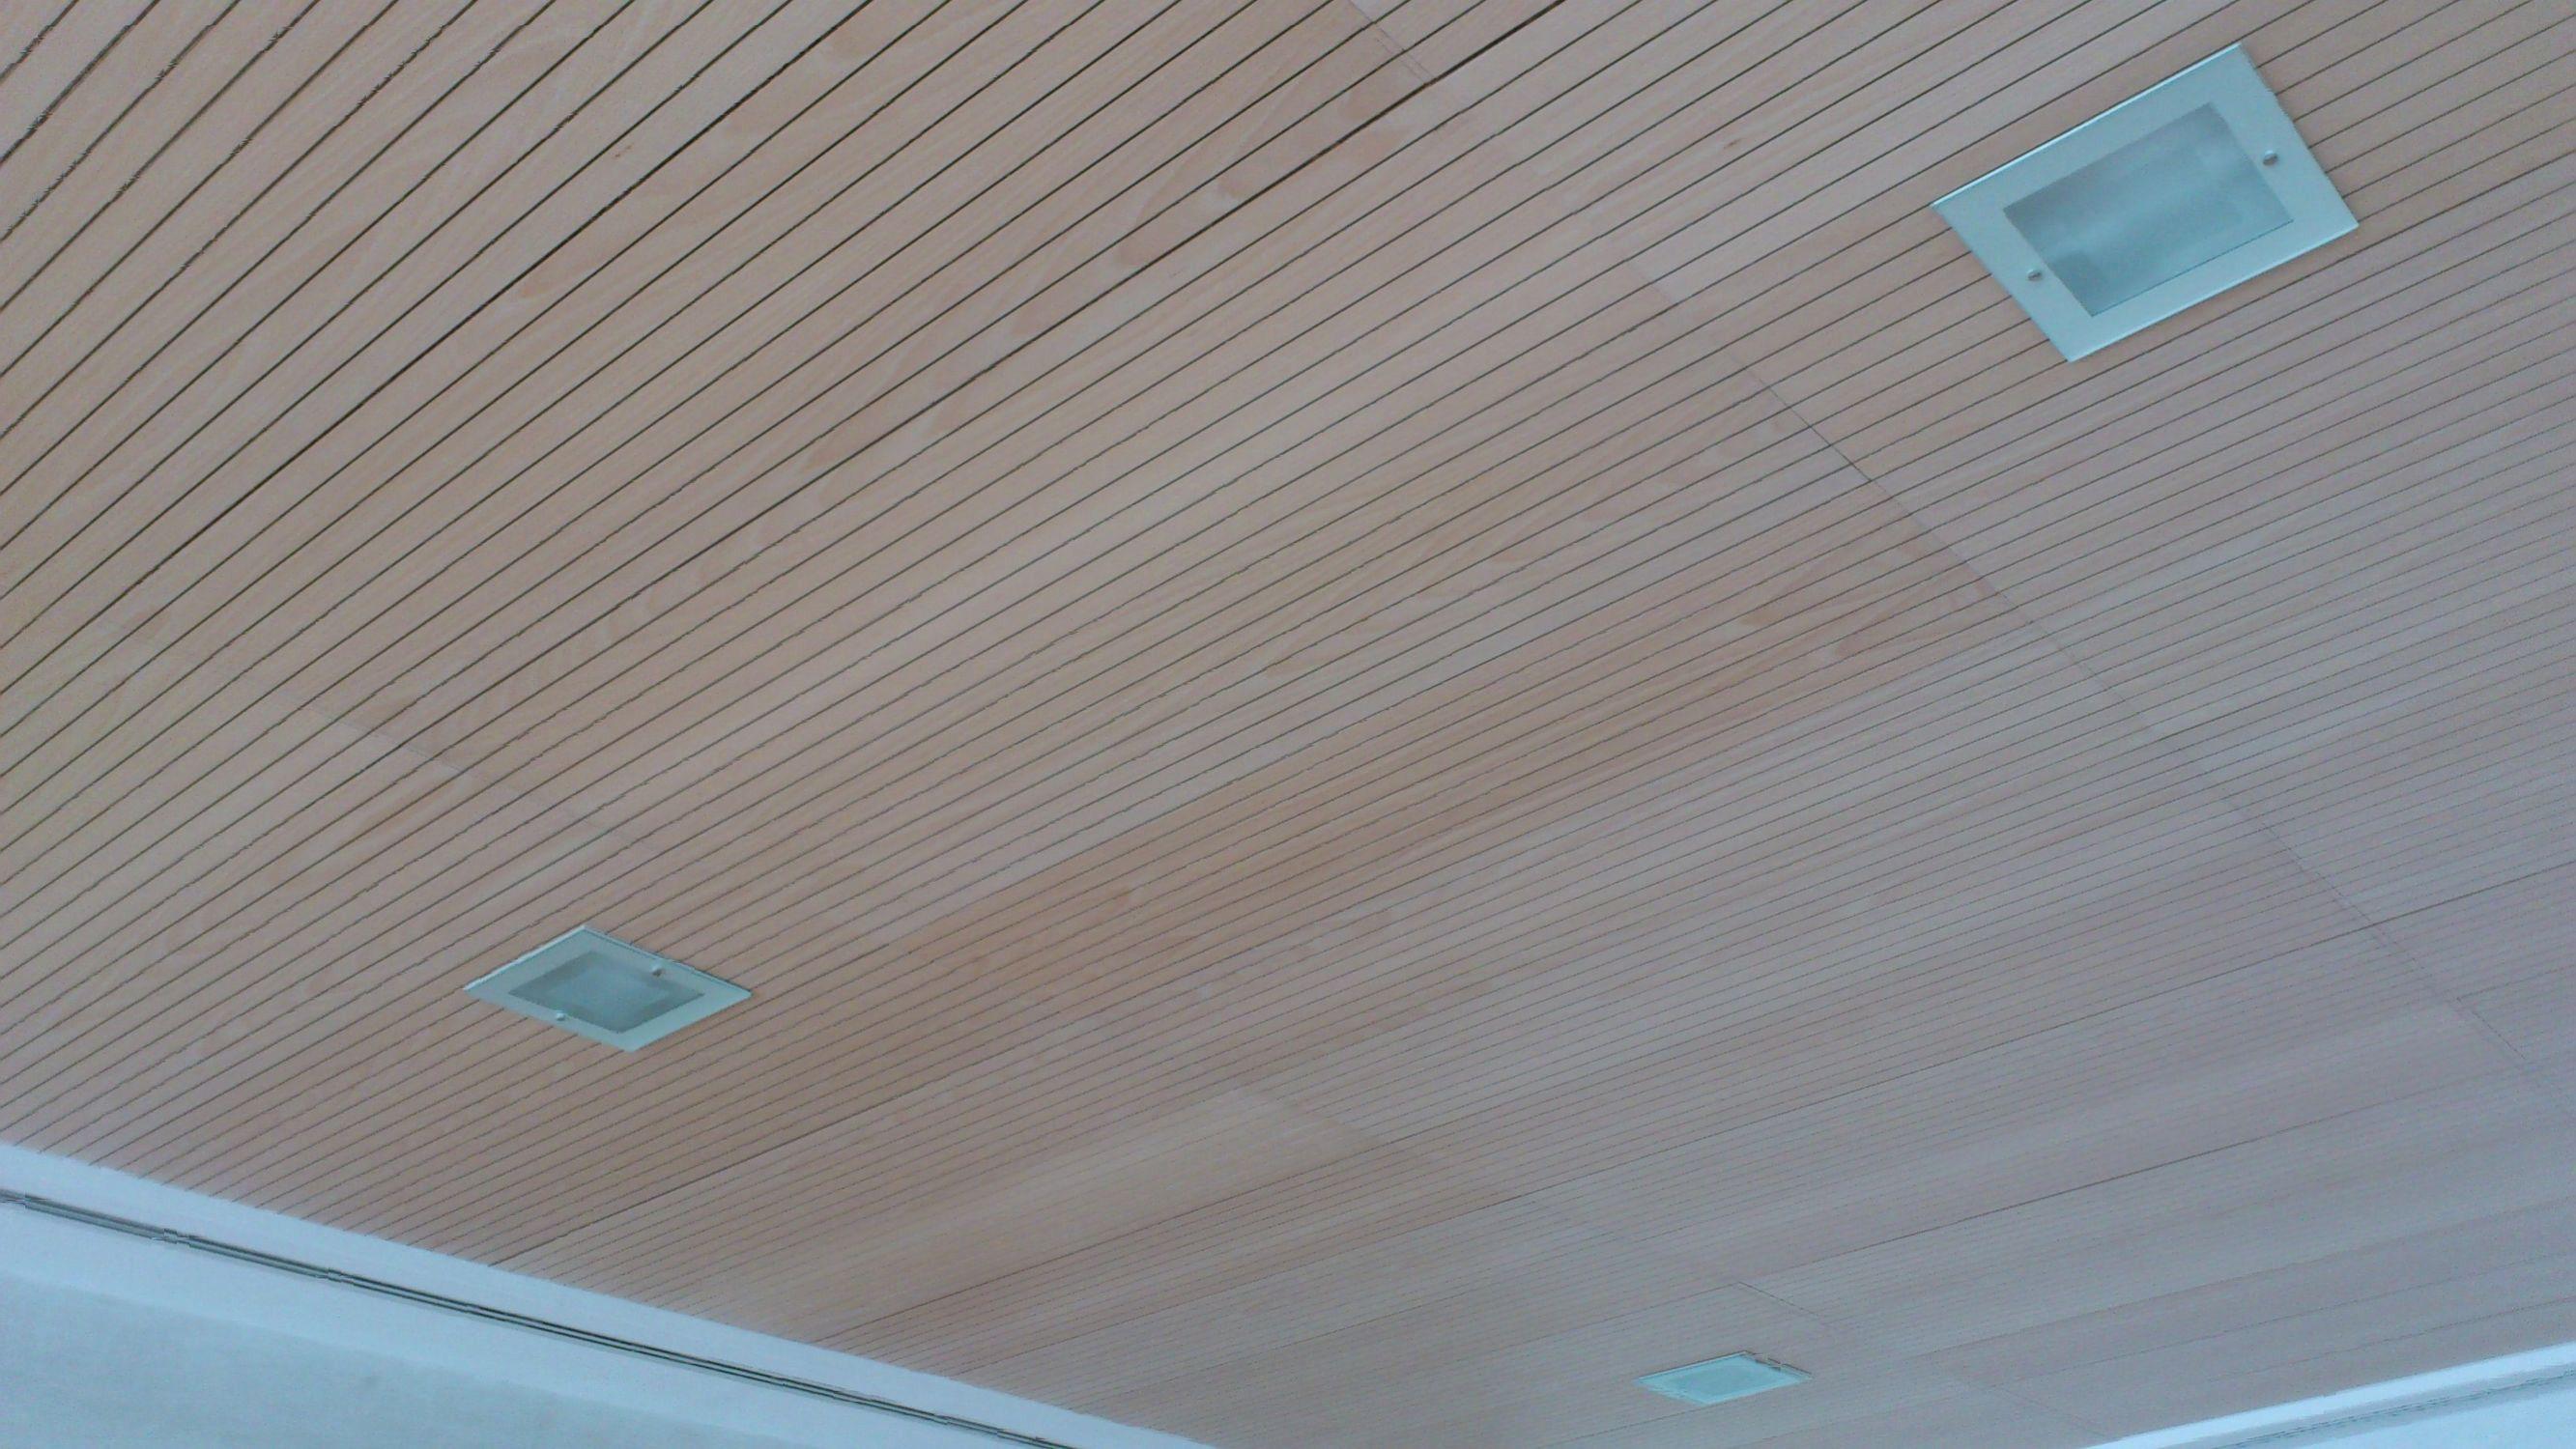 Plaque Isolation Phonique Plafond Avec Dalles Acoustiques Plafond Coller Plafond Isolant Thermique Idees E Plafond Bois Isolation Phonique Plafond Faux Plafond